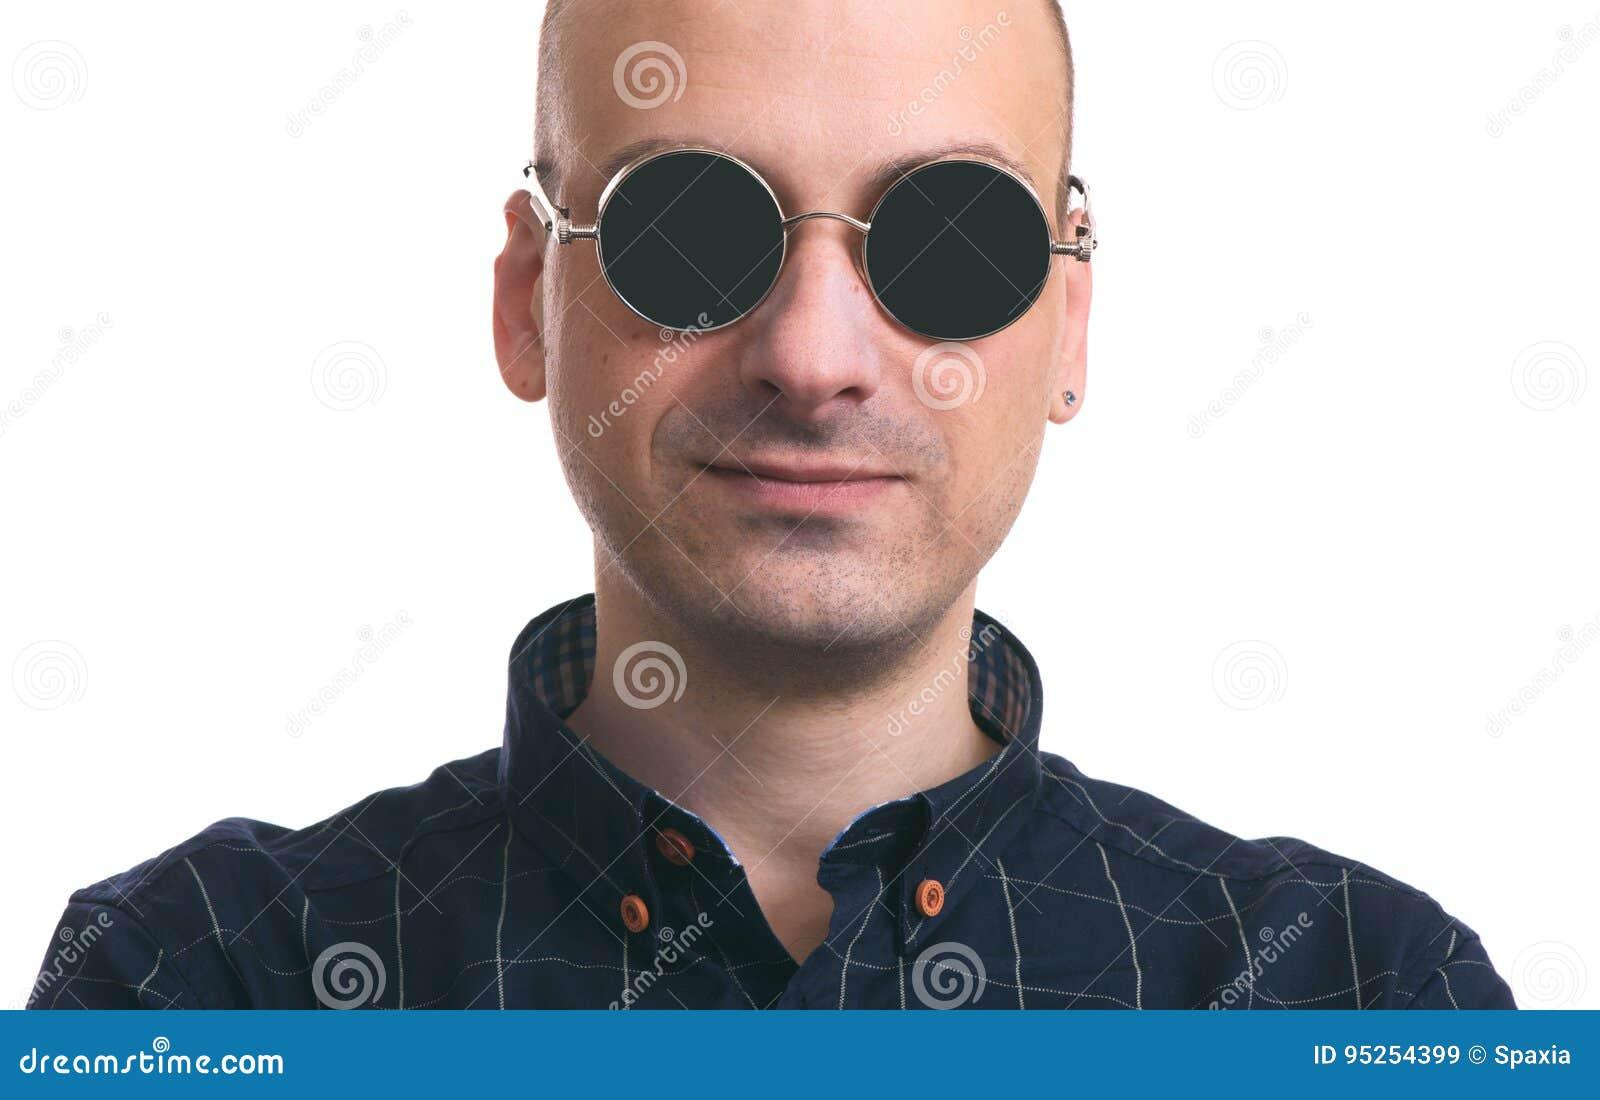 Dell'uomo Anawzzosqa Sole Da D'uso Stock Occhiali Immagine Bello Calvo q7vfOxgg